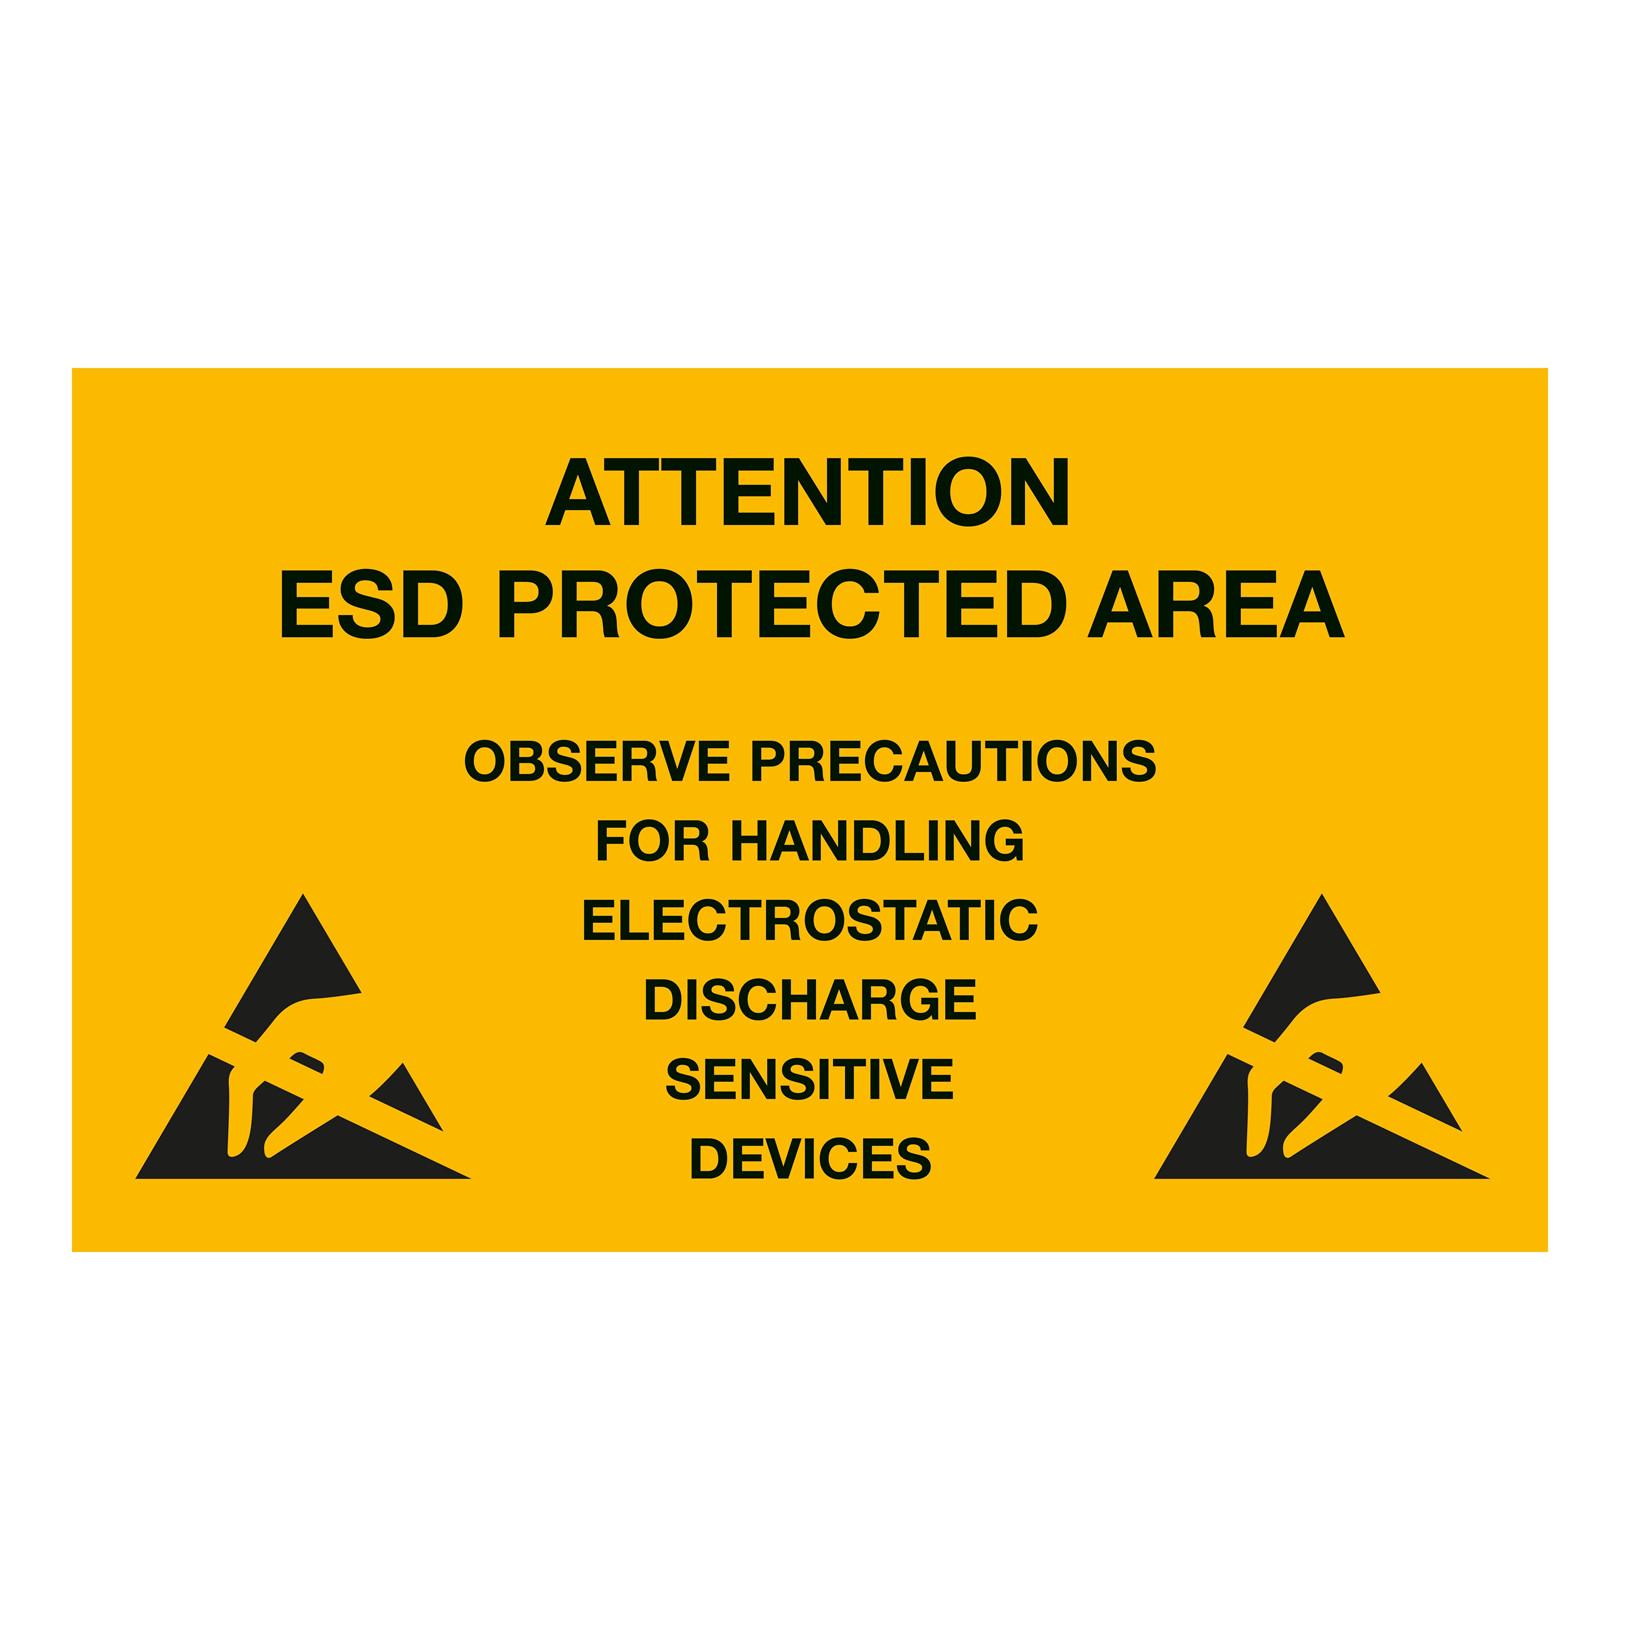 ESD advarselsskilt 300 x 500 mm til ophængning - Engelsk